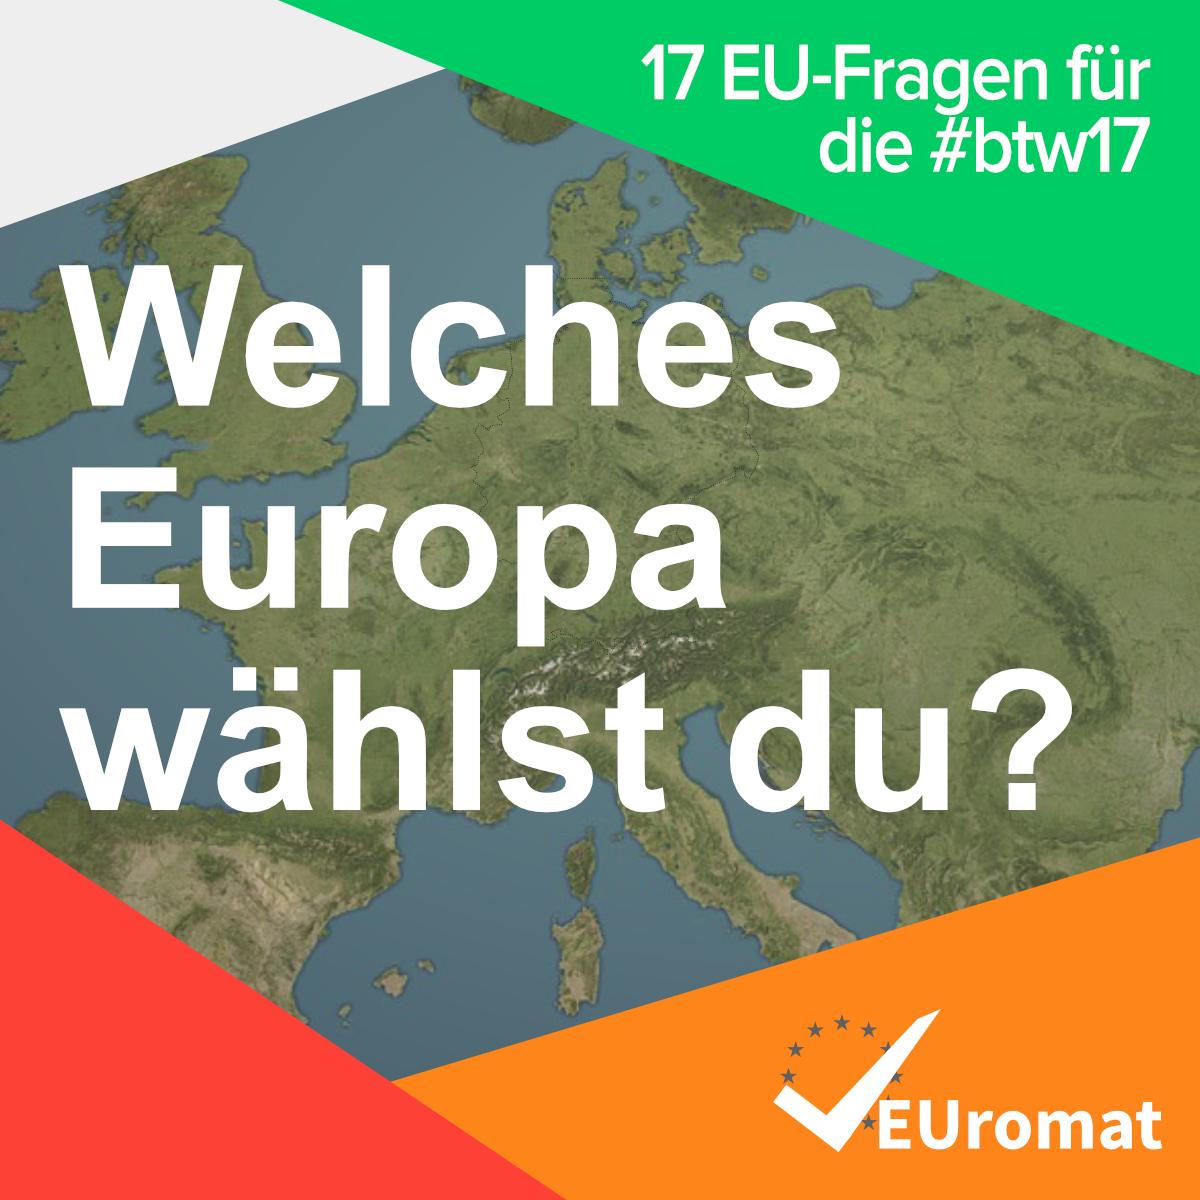 EUromat – der europäische Parteien-Check zur Bundestagswahl 2017